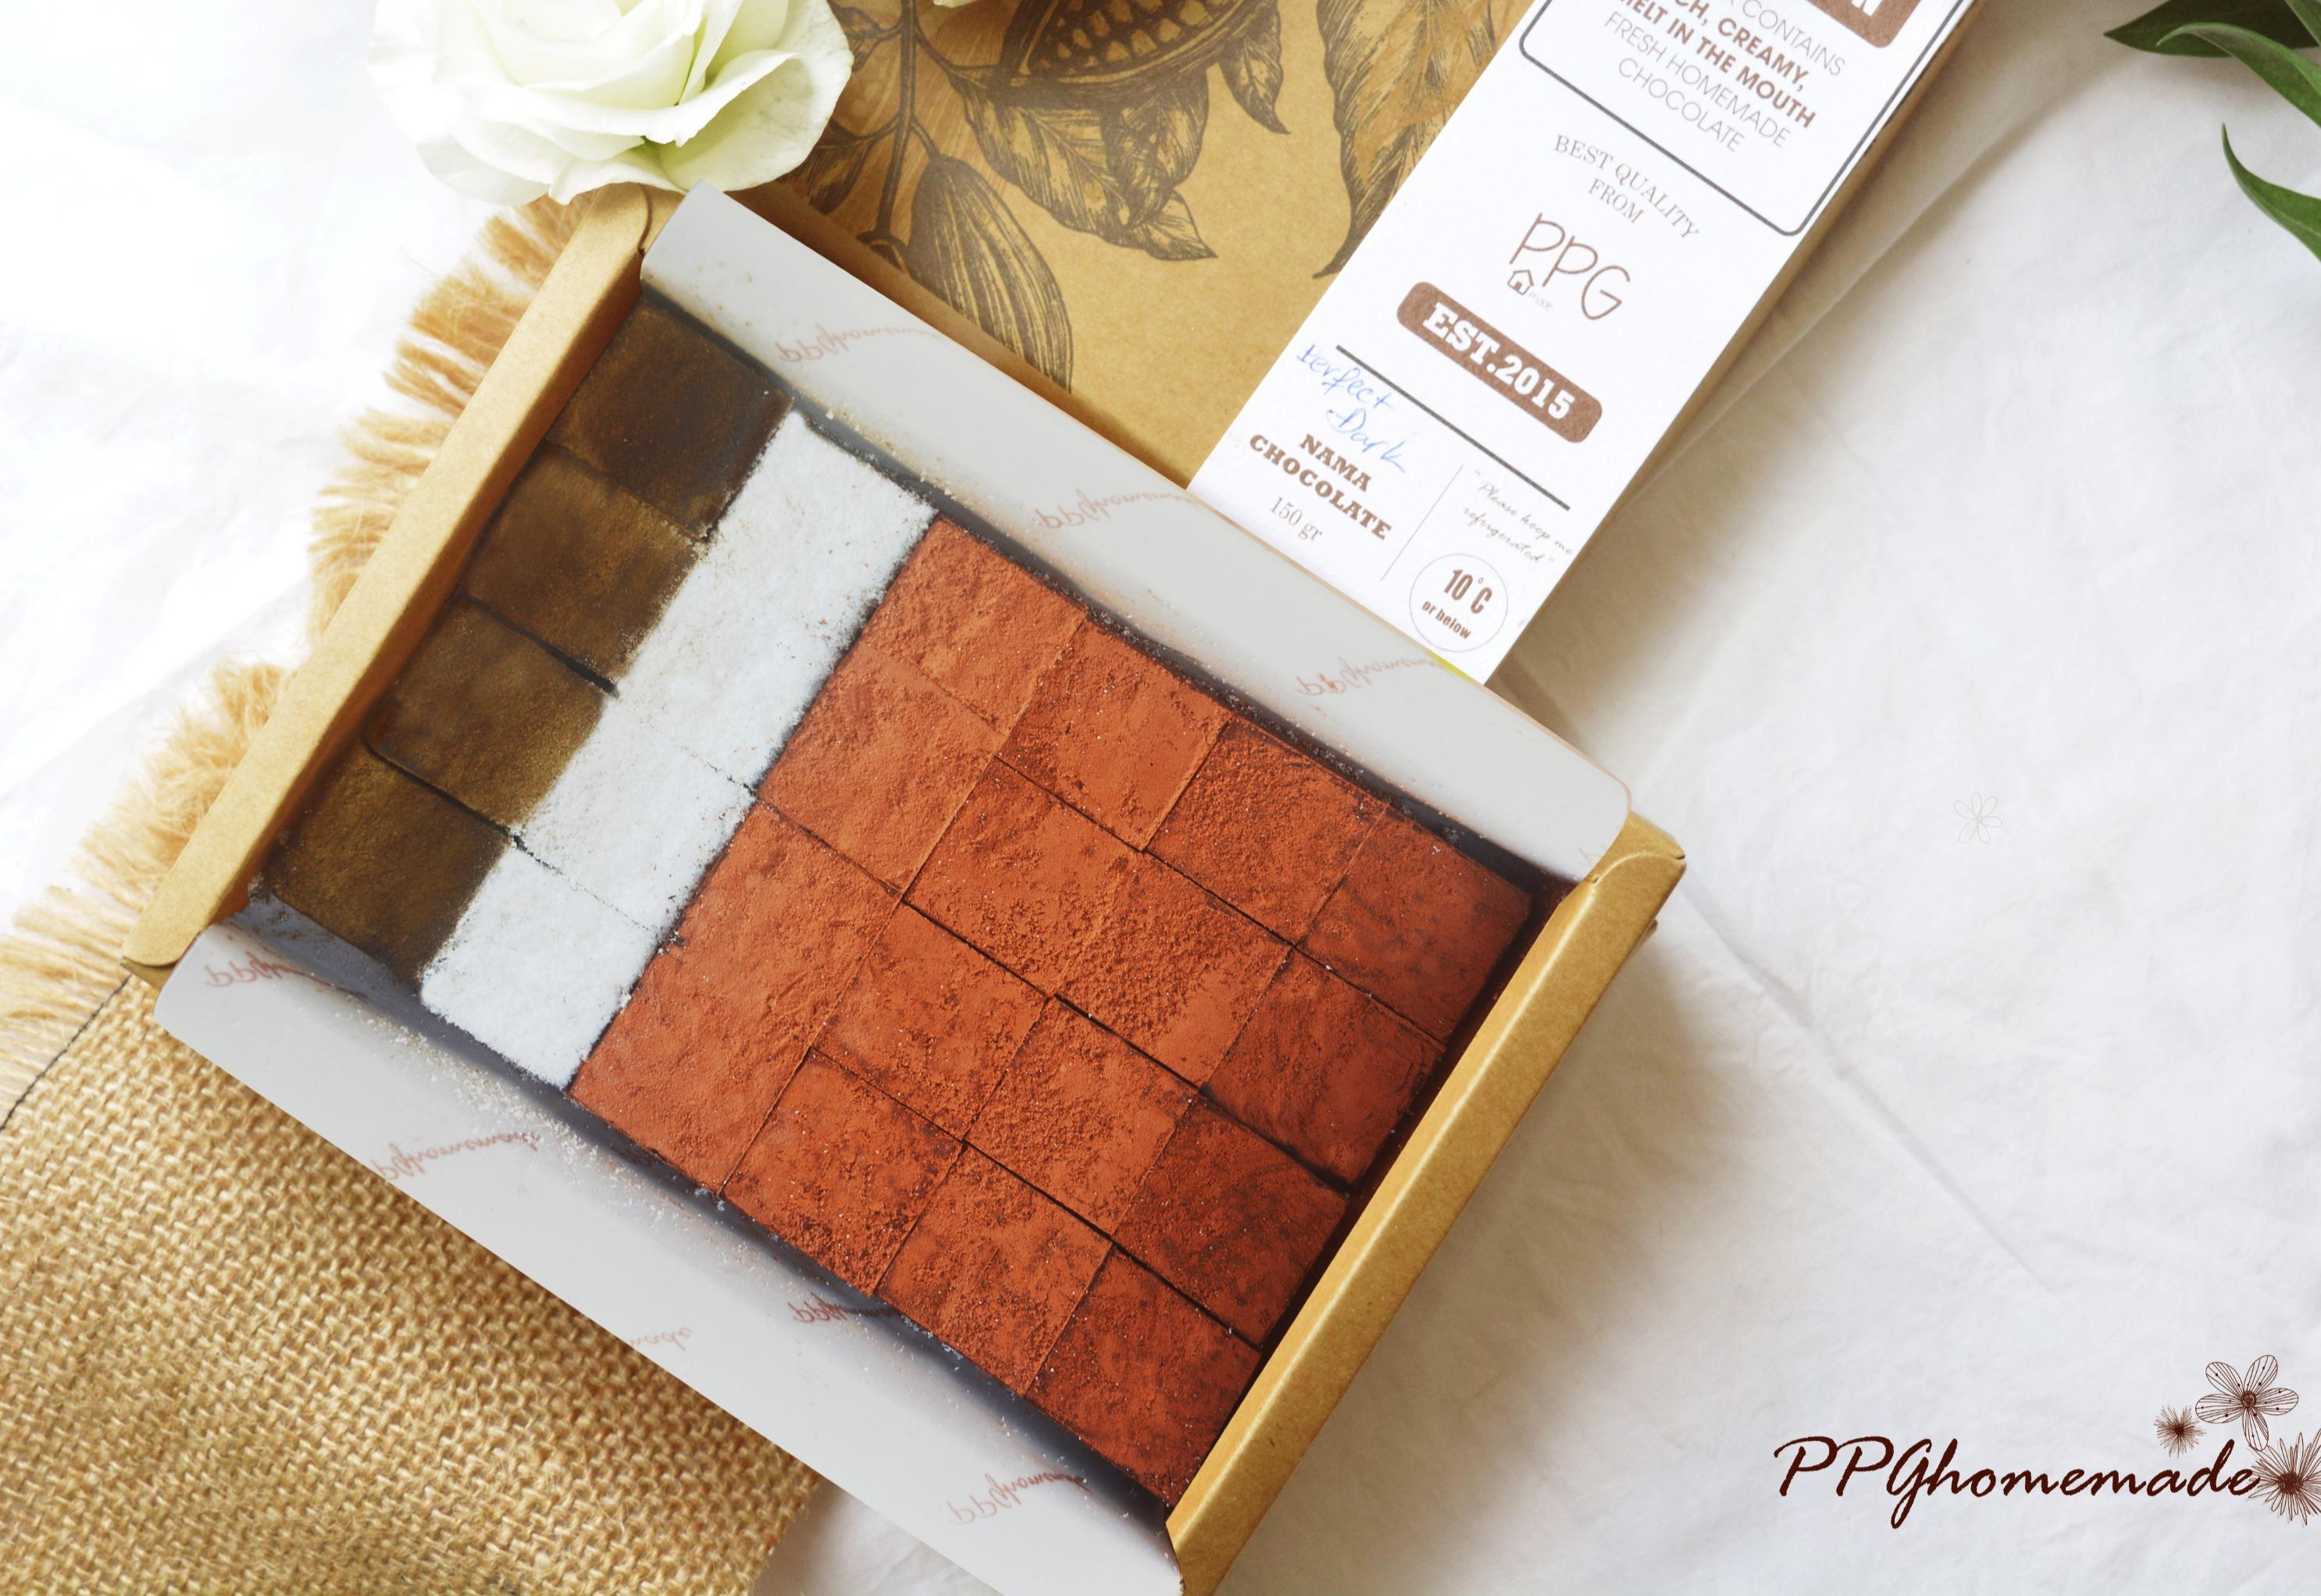 Sự khác nhau giữa socola thô và socola tươi – PPG Chocolate [Socola tươi nama quà tặng socola quà tặng doanh nghiệp]